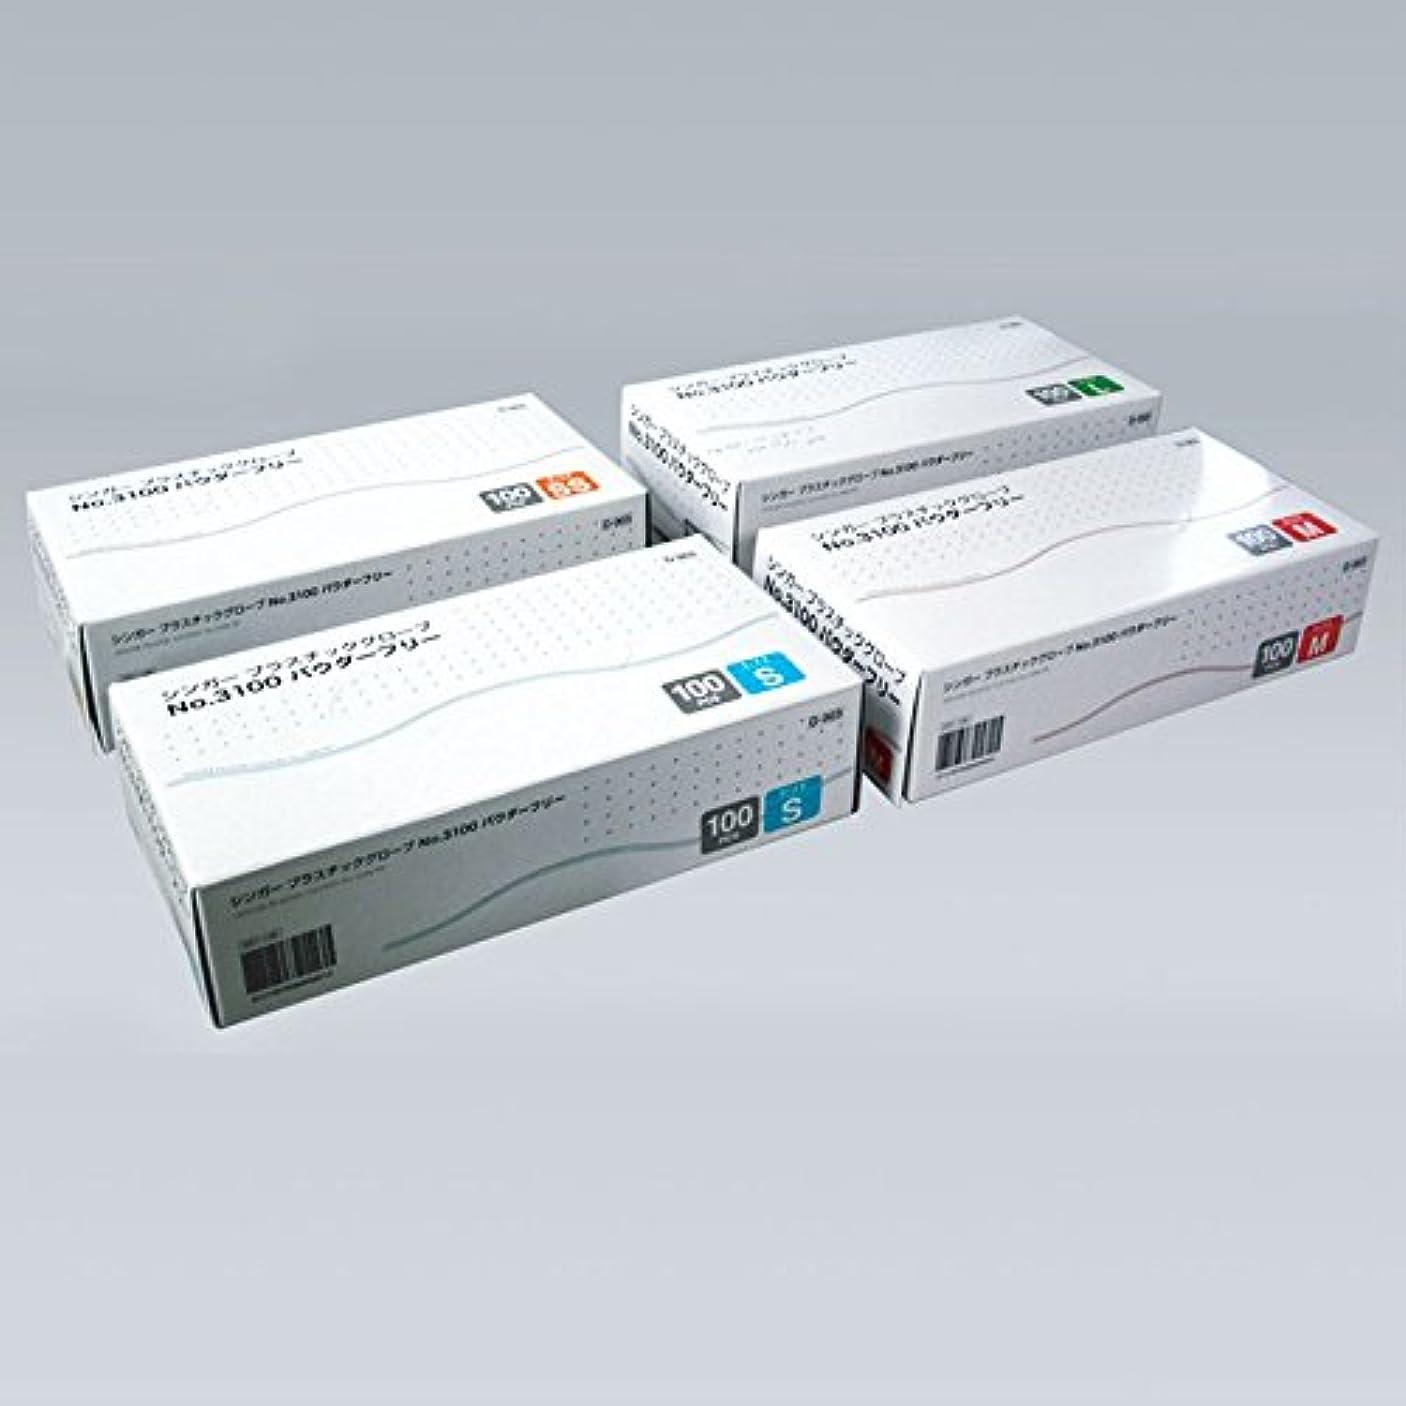 集団ポジション産地シンガープラスチックグローブNo3100 パウダーフリー500枚 (100枚入り×5箱) (S)